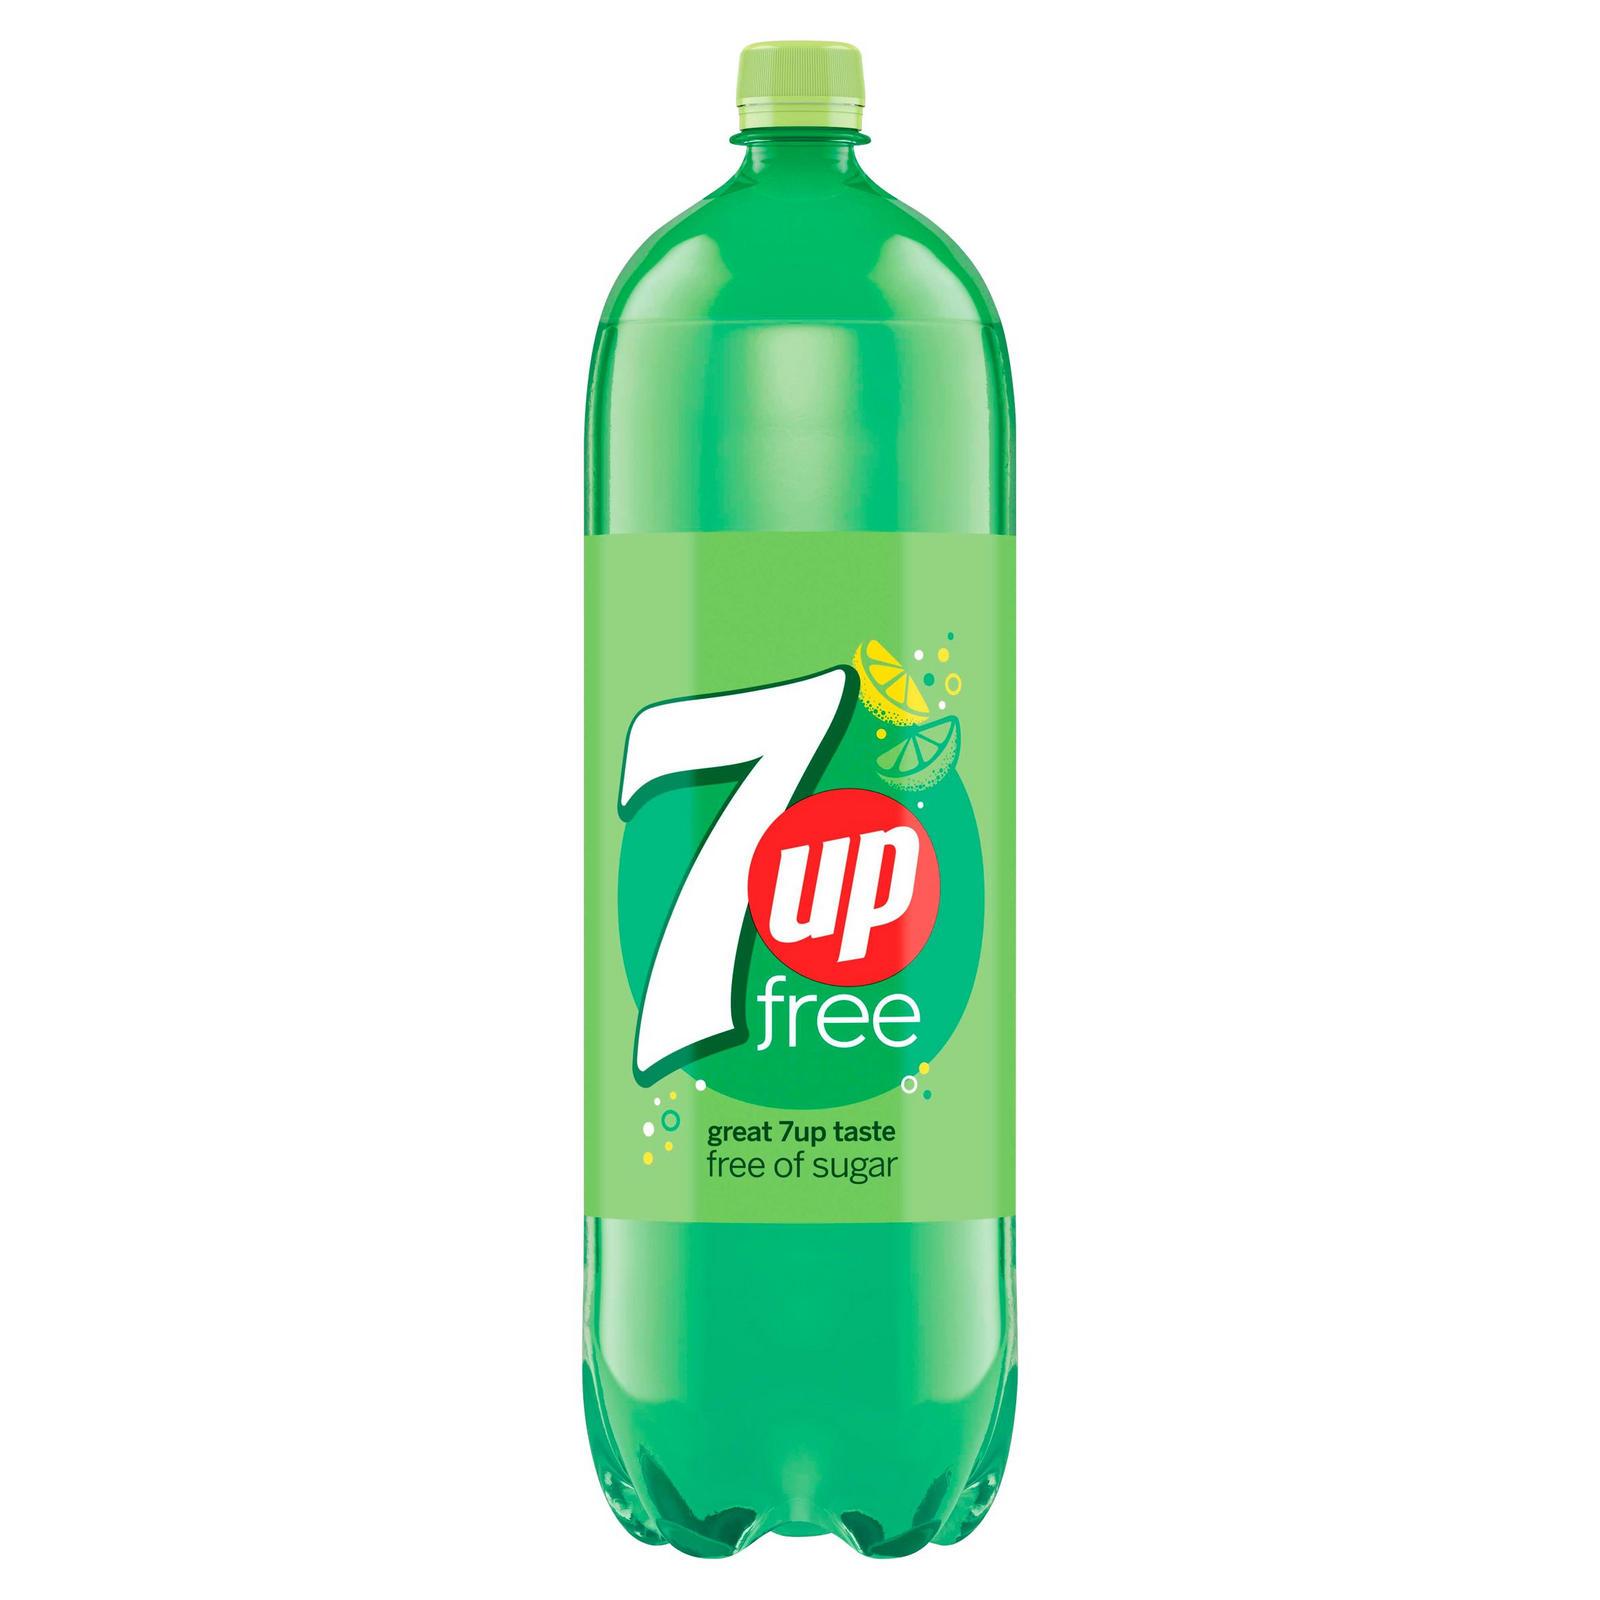 7-UP FREE 2L